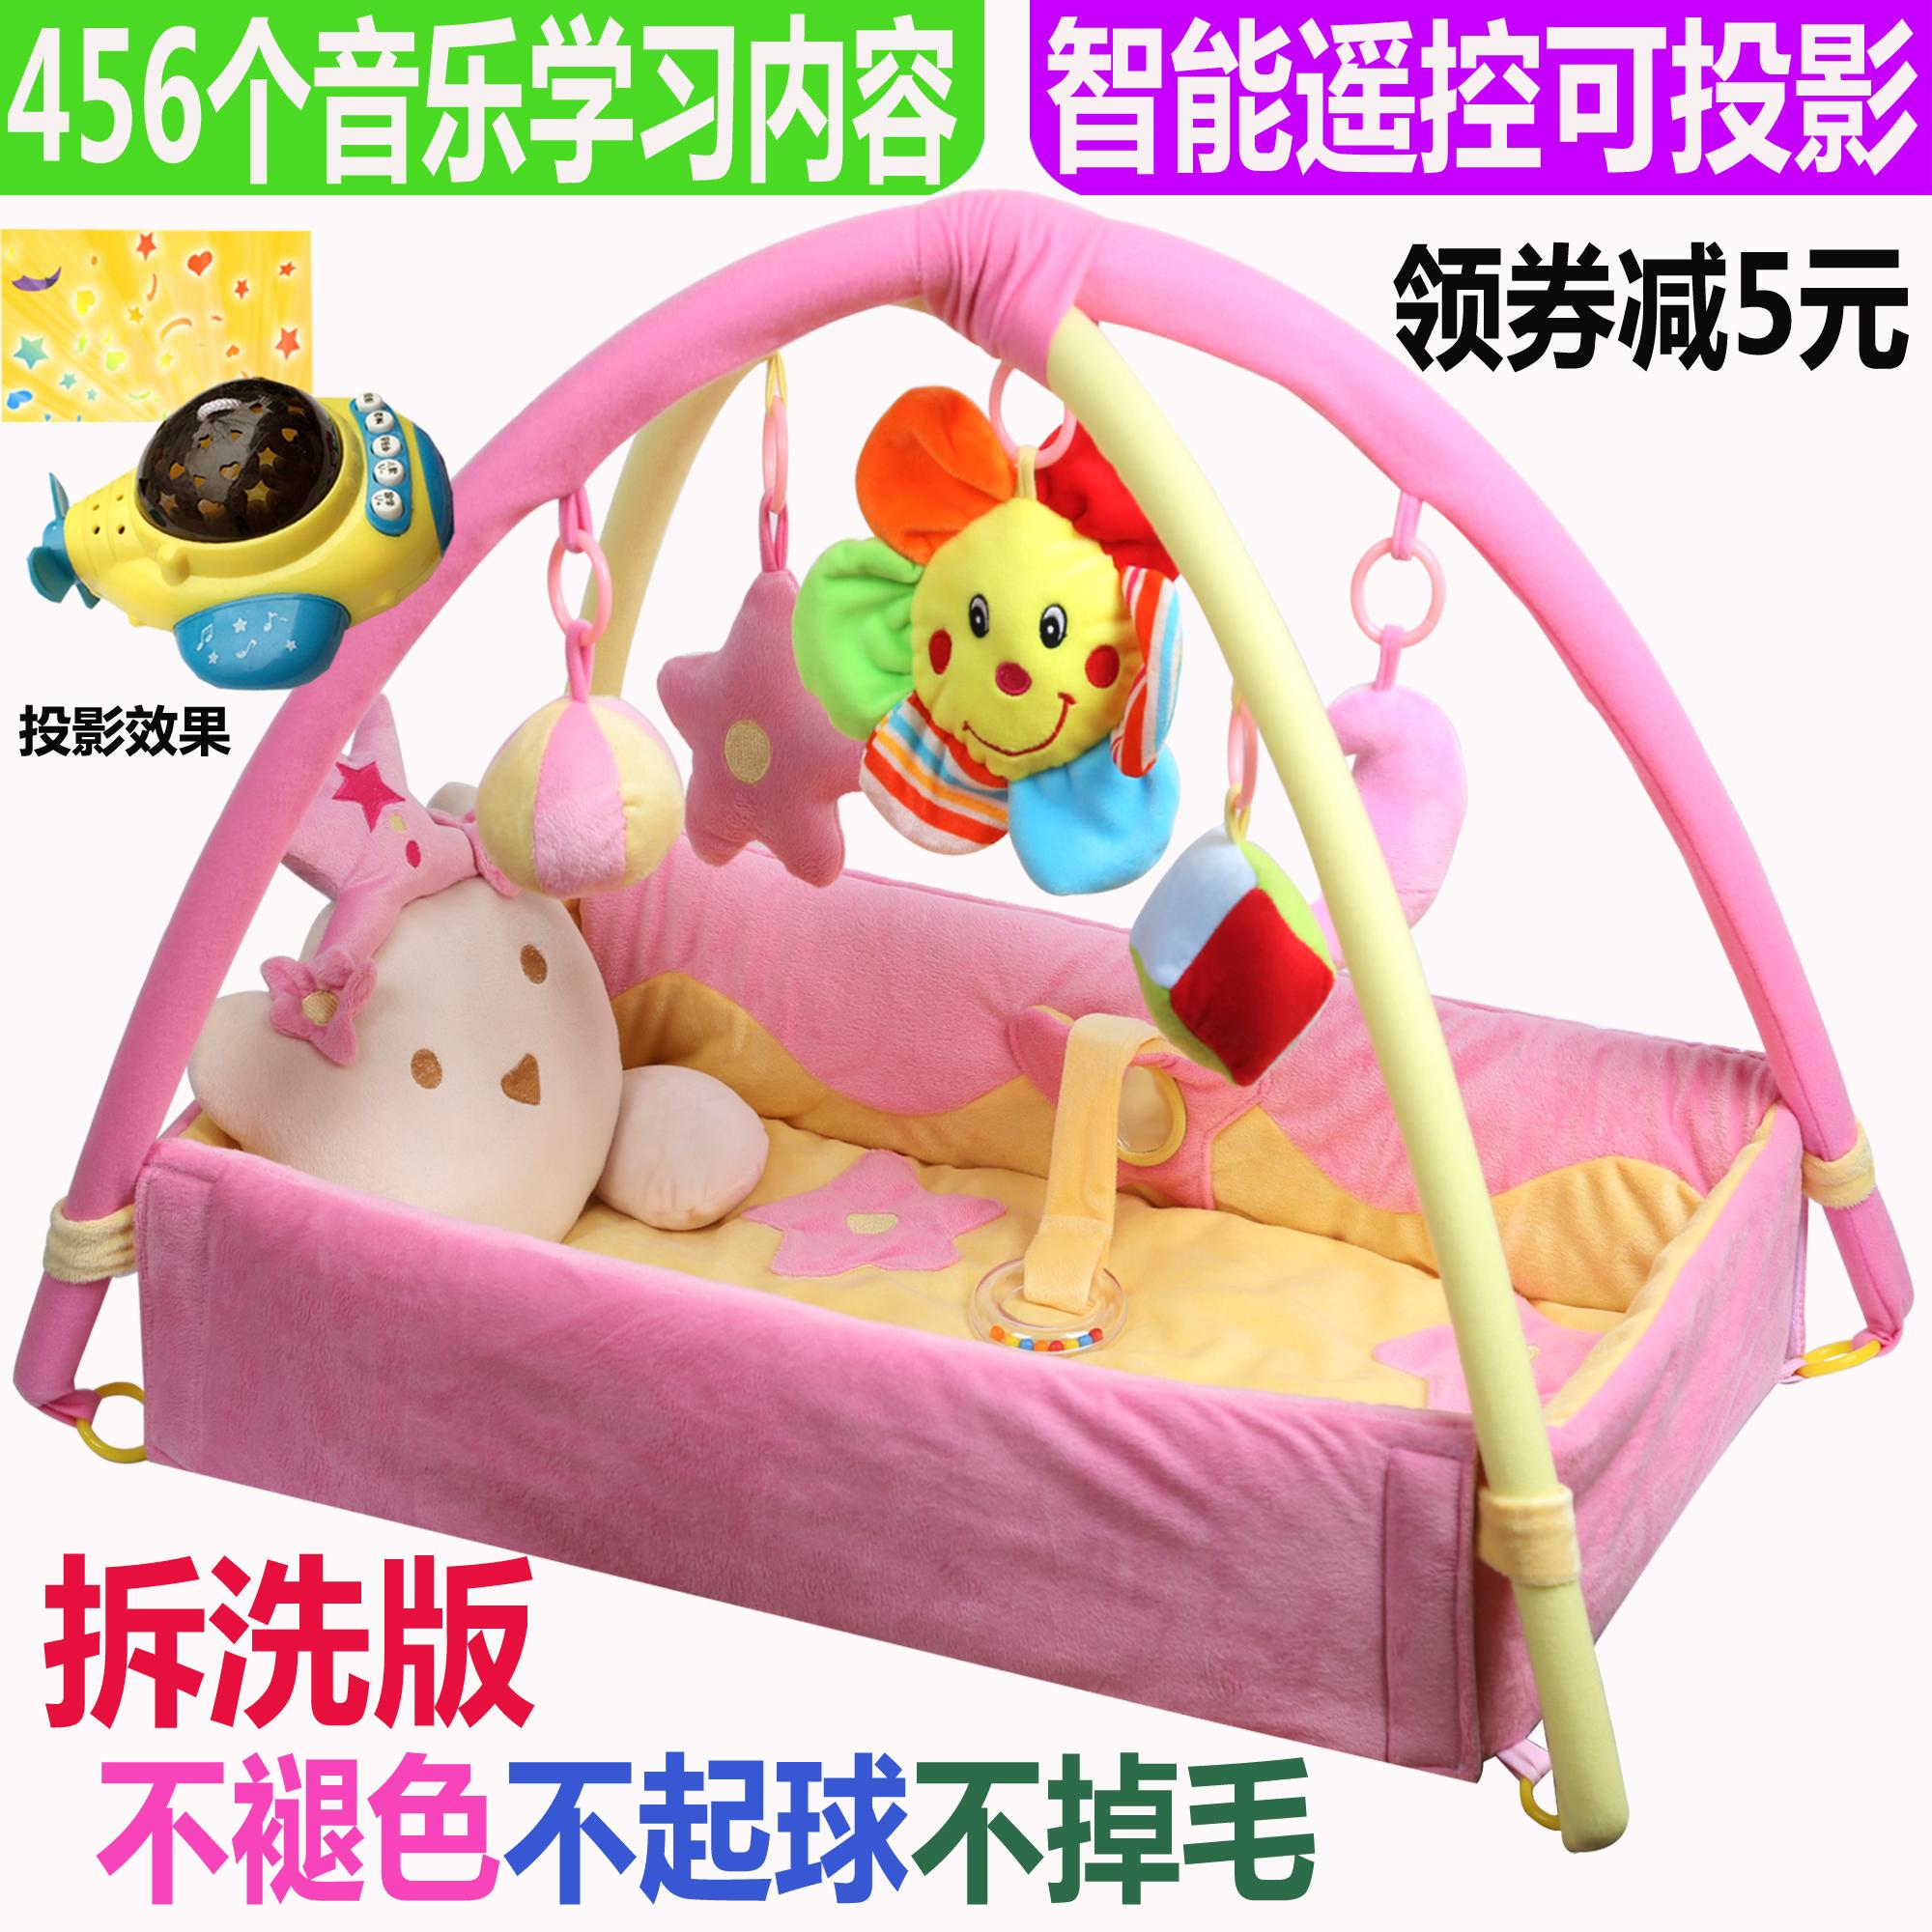 夏婴儿礼盒新生儿套装刚出生宝宝玩具游戏毯满月礼物母婴用品大全